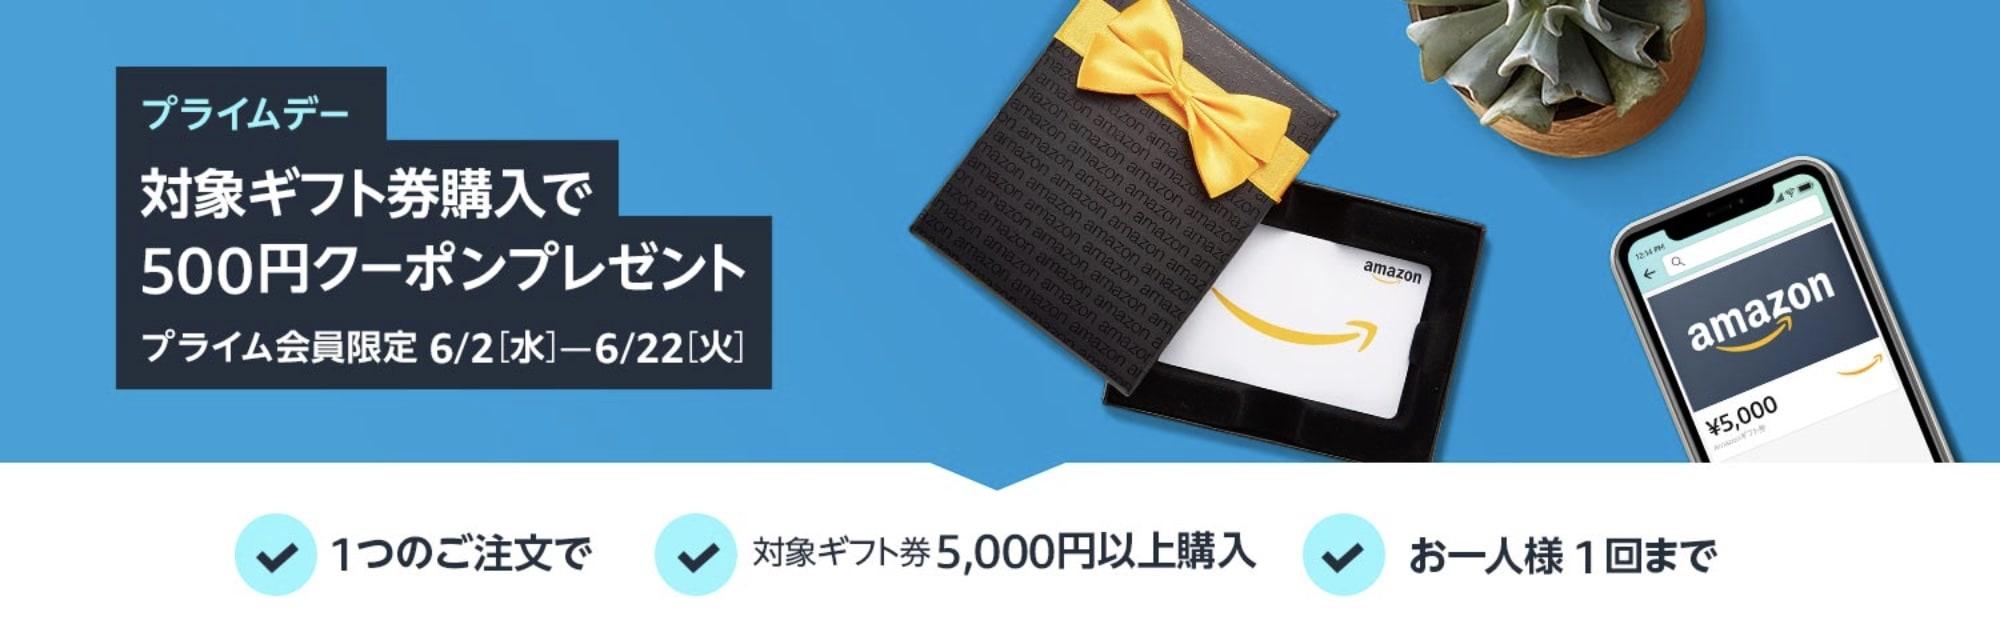 プライムデーAmazonギフト券購入で500円クーポンキャンペーン